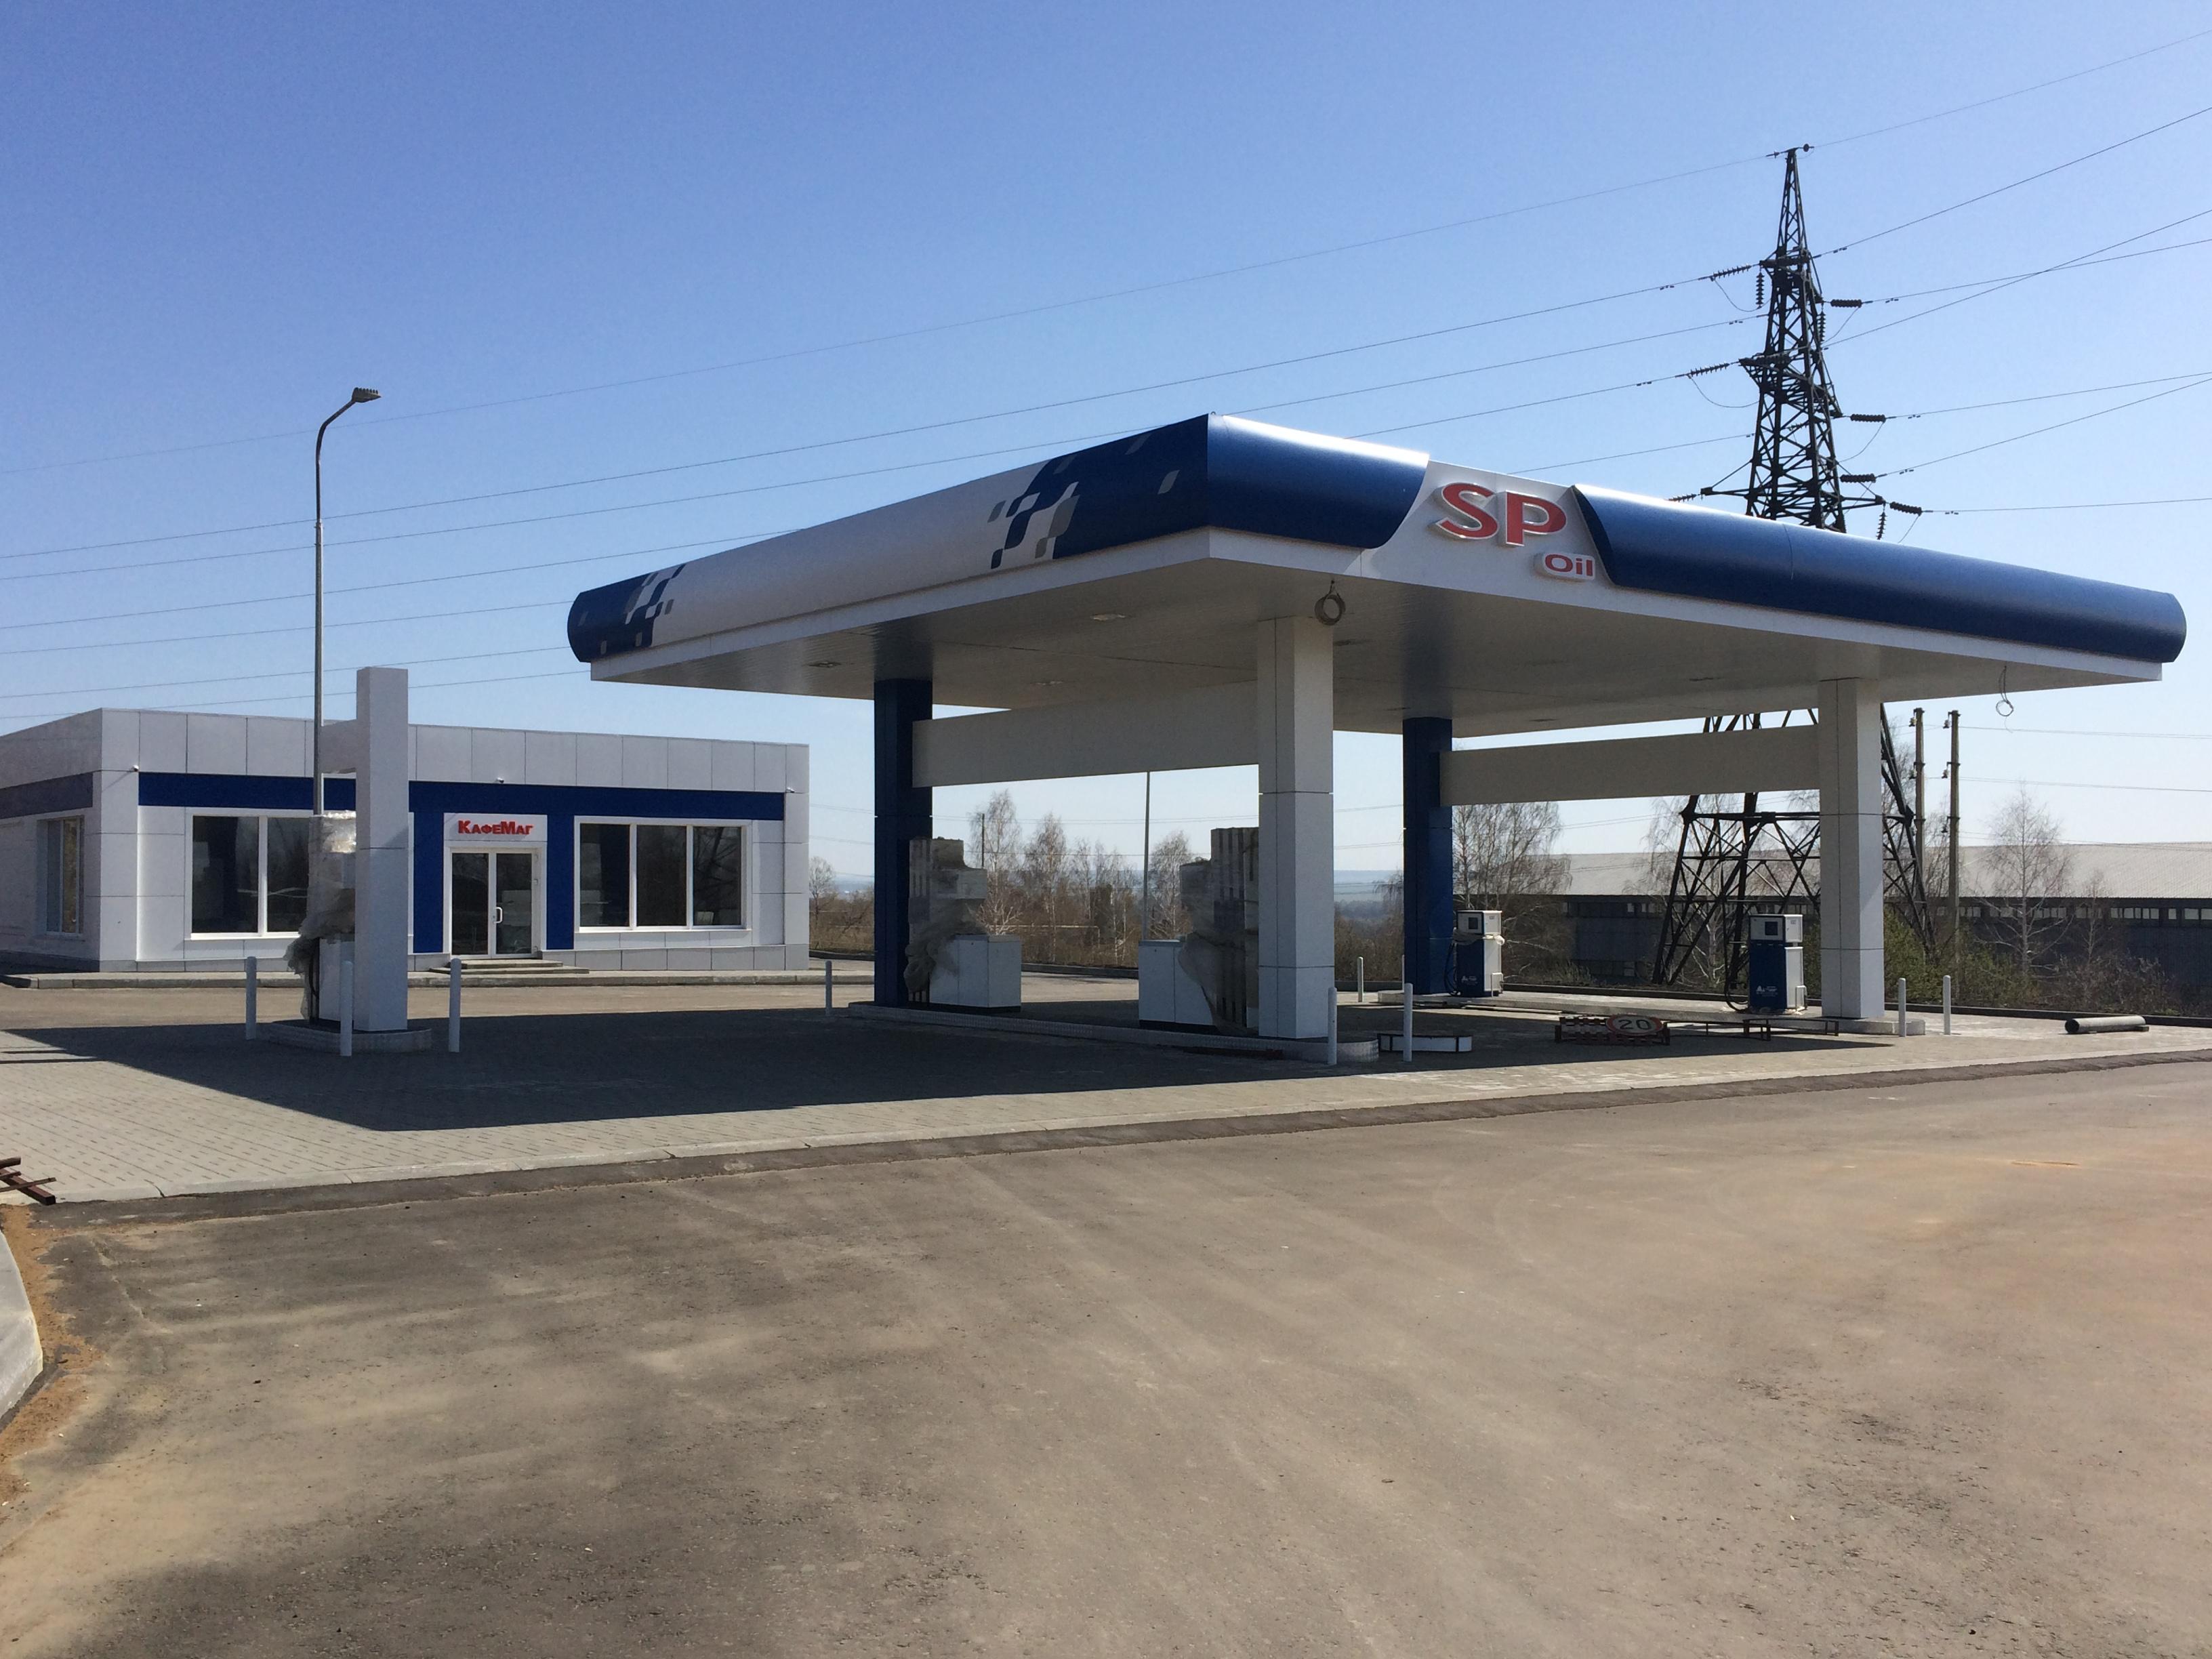 SP oil